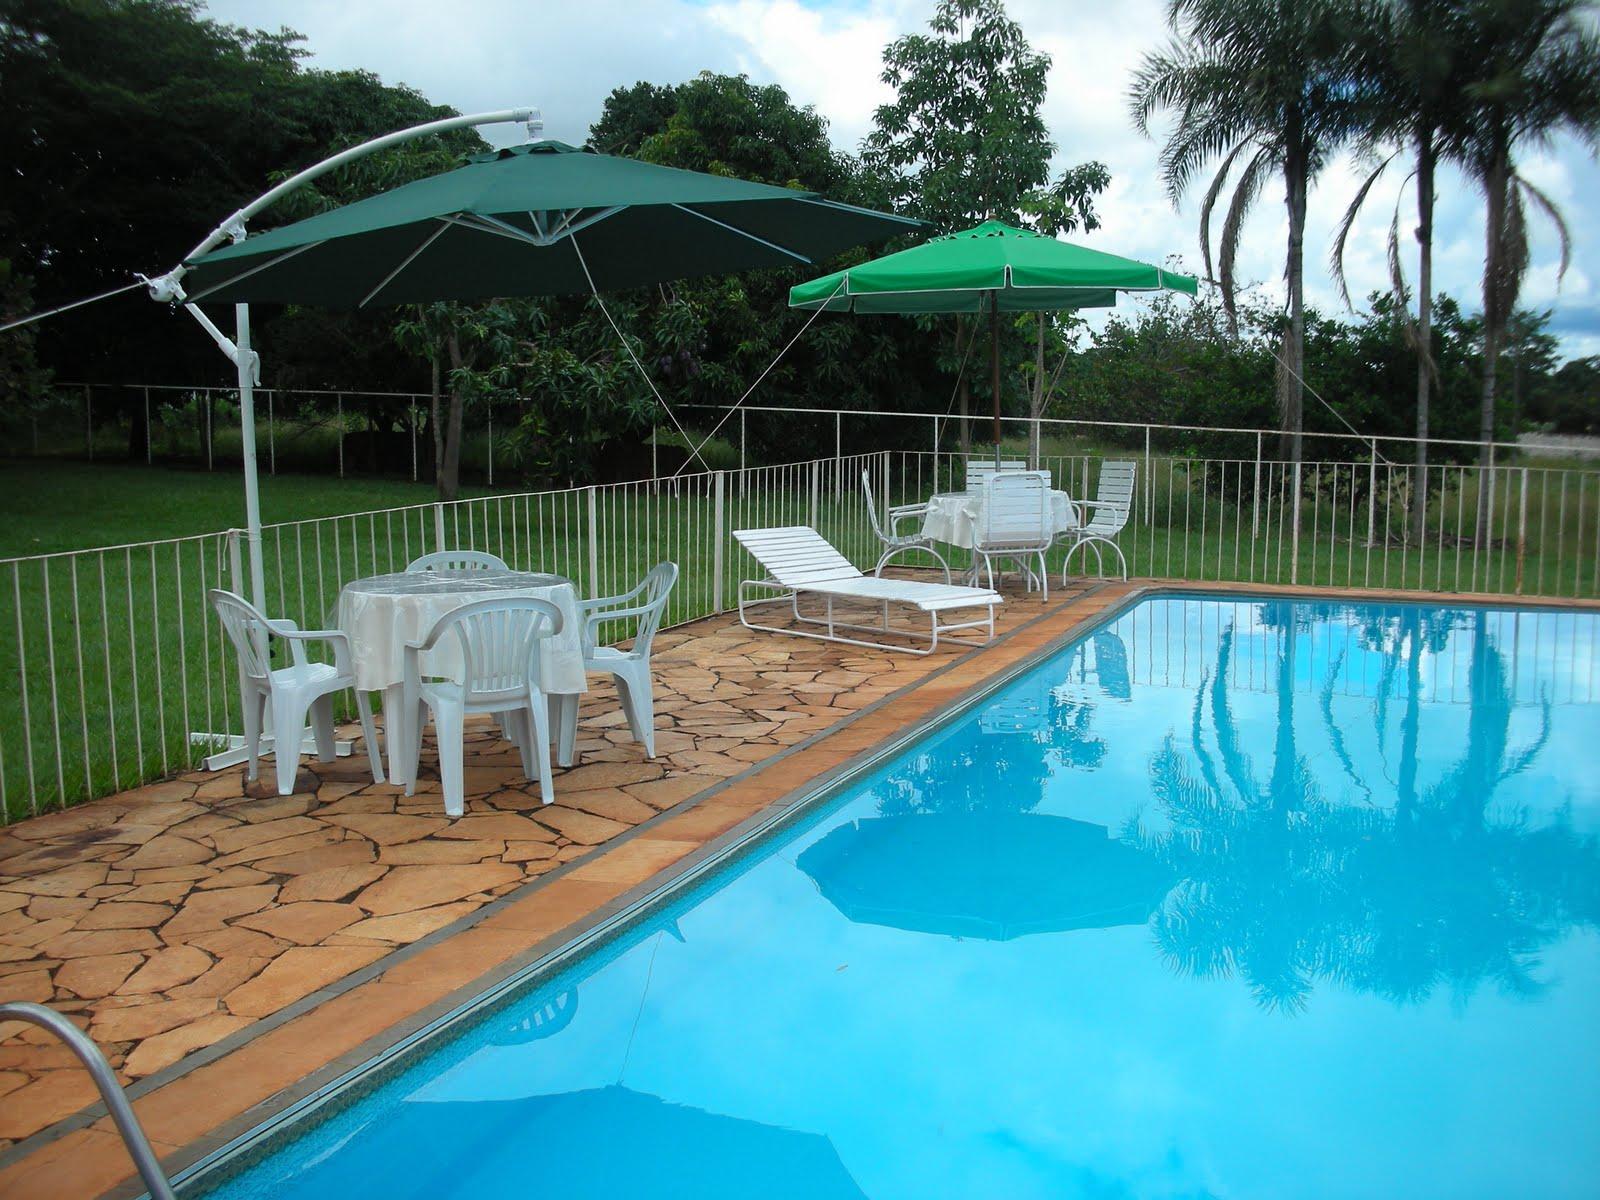 Locação para Eventos em Goiânia #059AC6 1600 1200